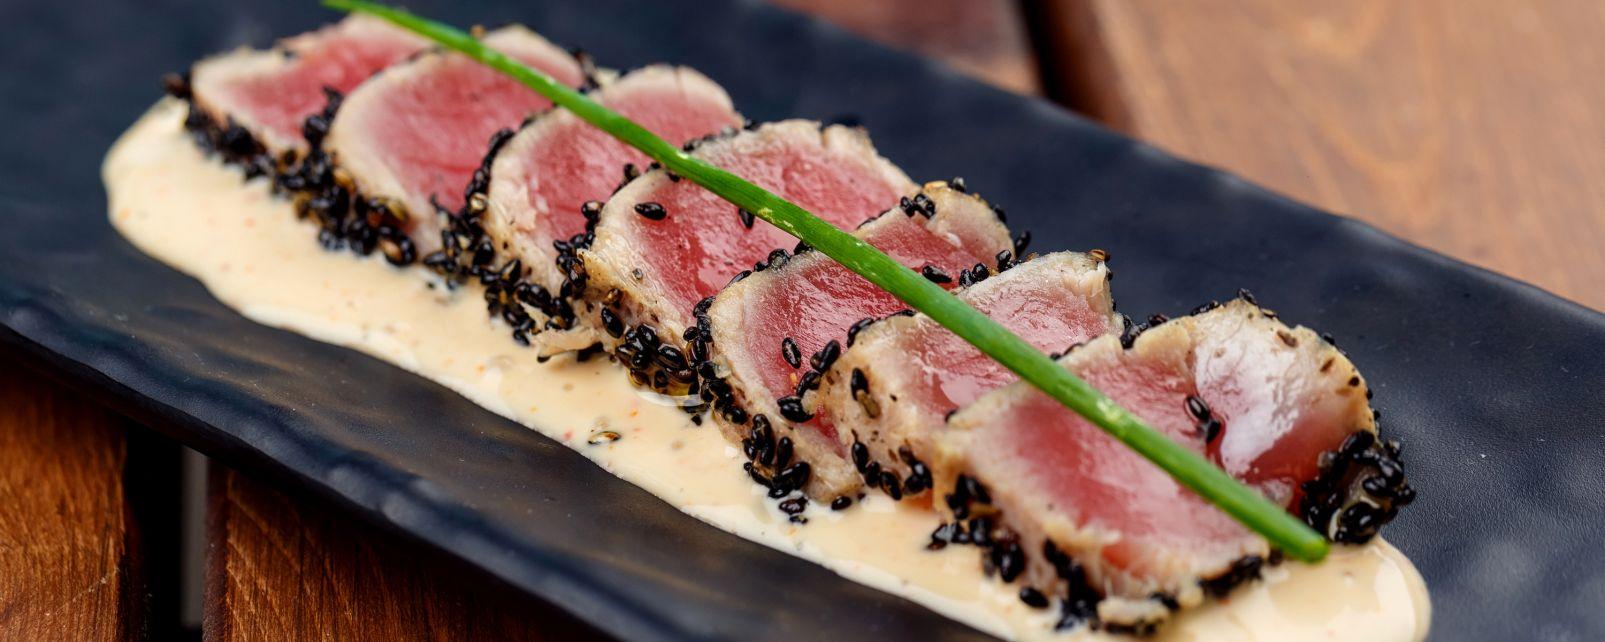 La gastronomie, cuisine, alimentation, gastronomie, hawaï, etats-unis, USA, amérique, thon, ahi, poisson